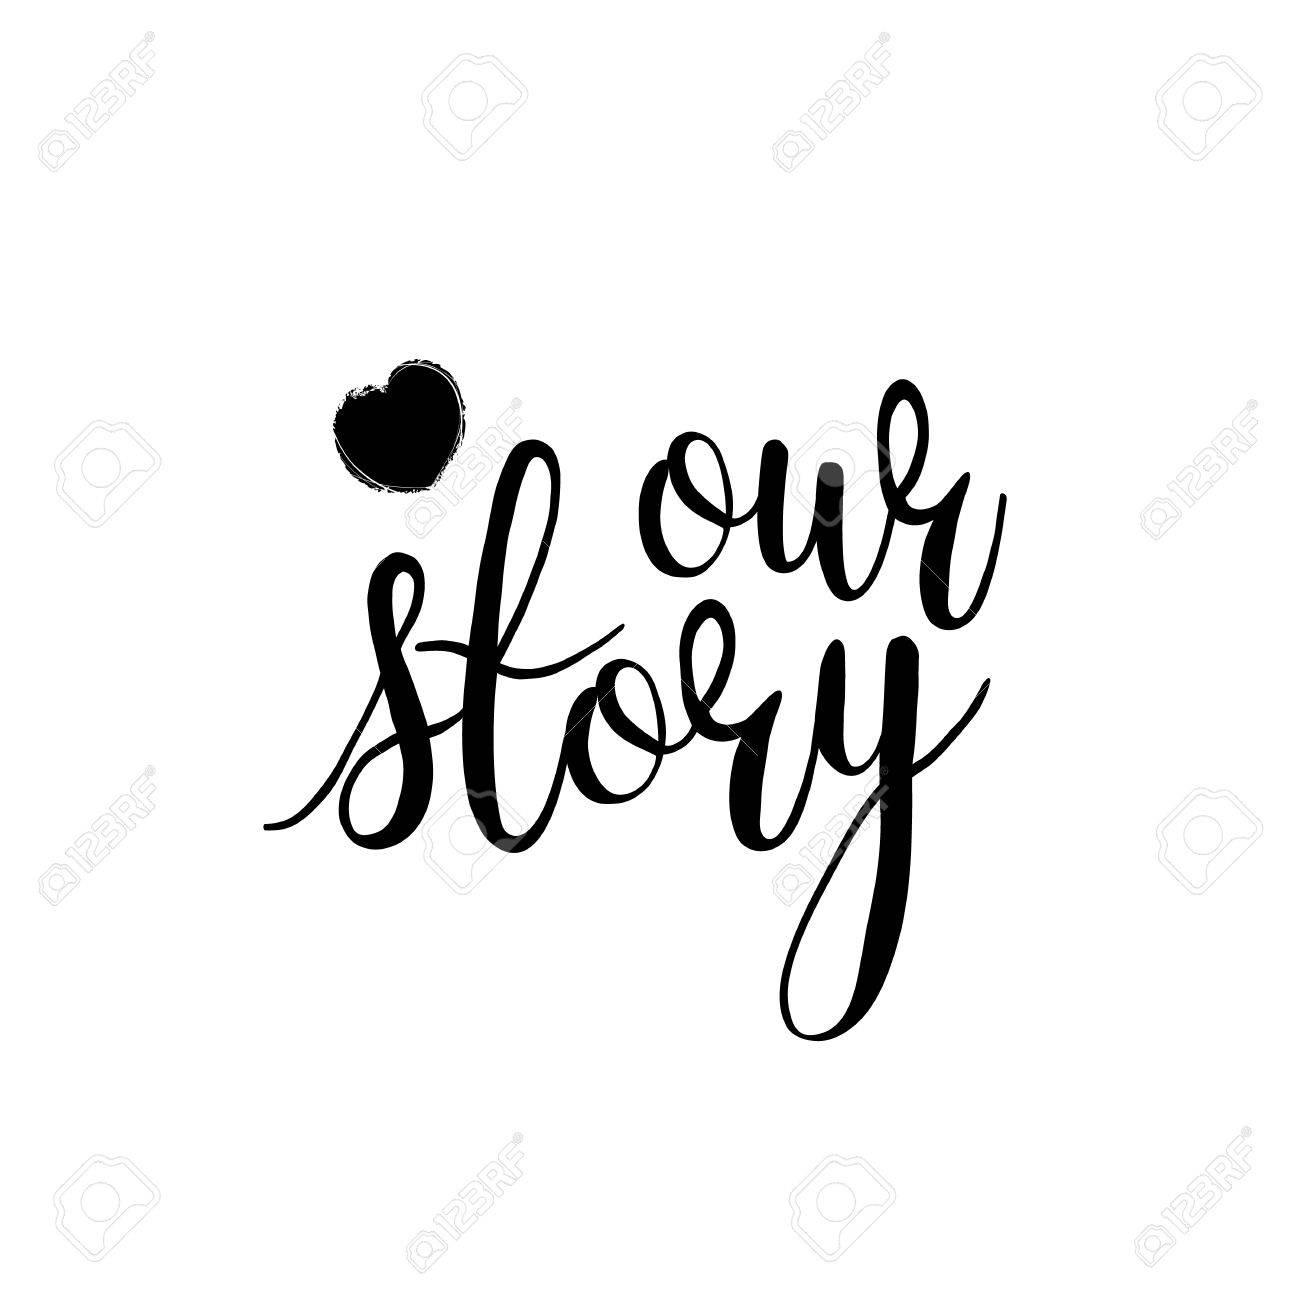 Rotulando Nossa História Em Preto E Branco Mão Escrita Frase De Frase Sobre Amor Para Dia Dos Namorados Design Poster Cartão álbum De Fotos Banner